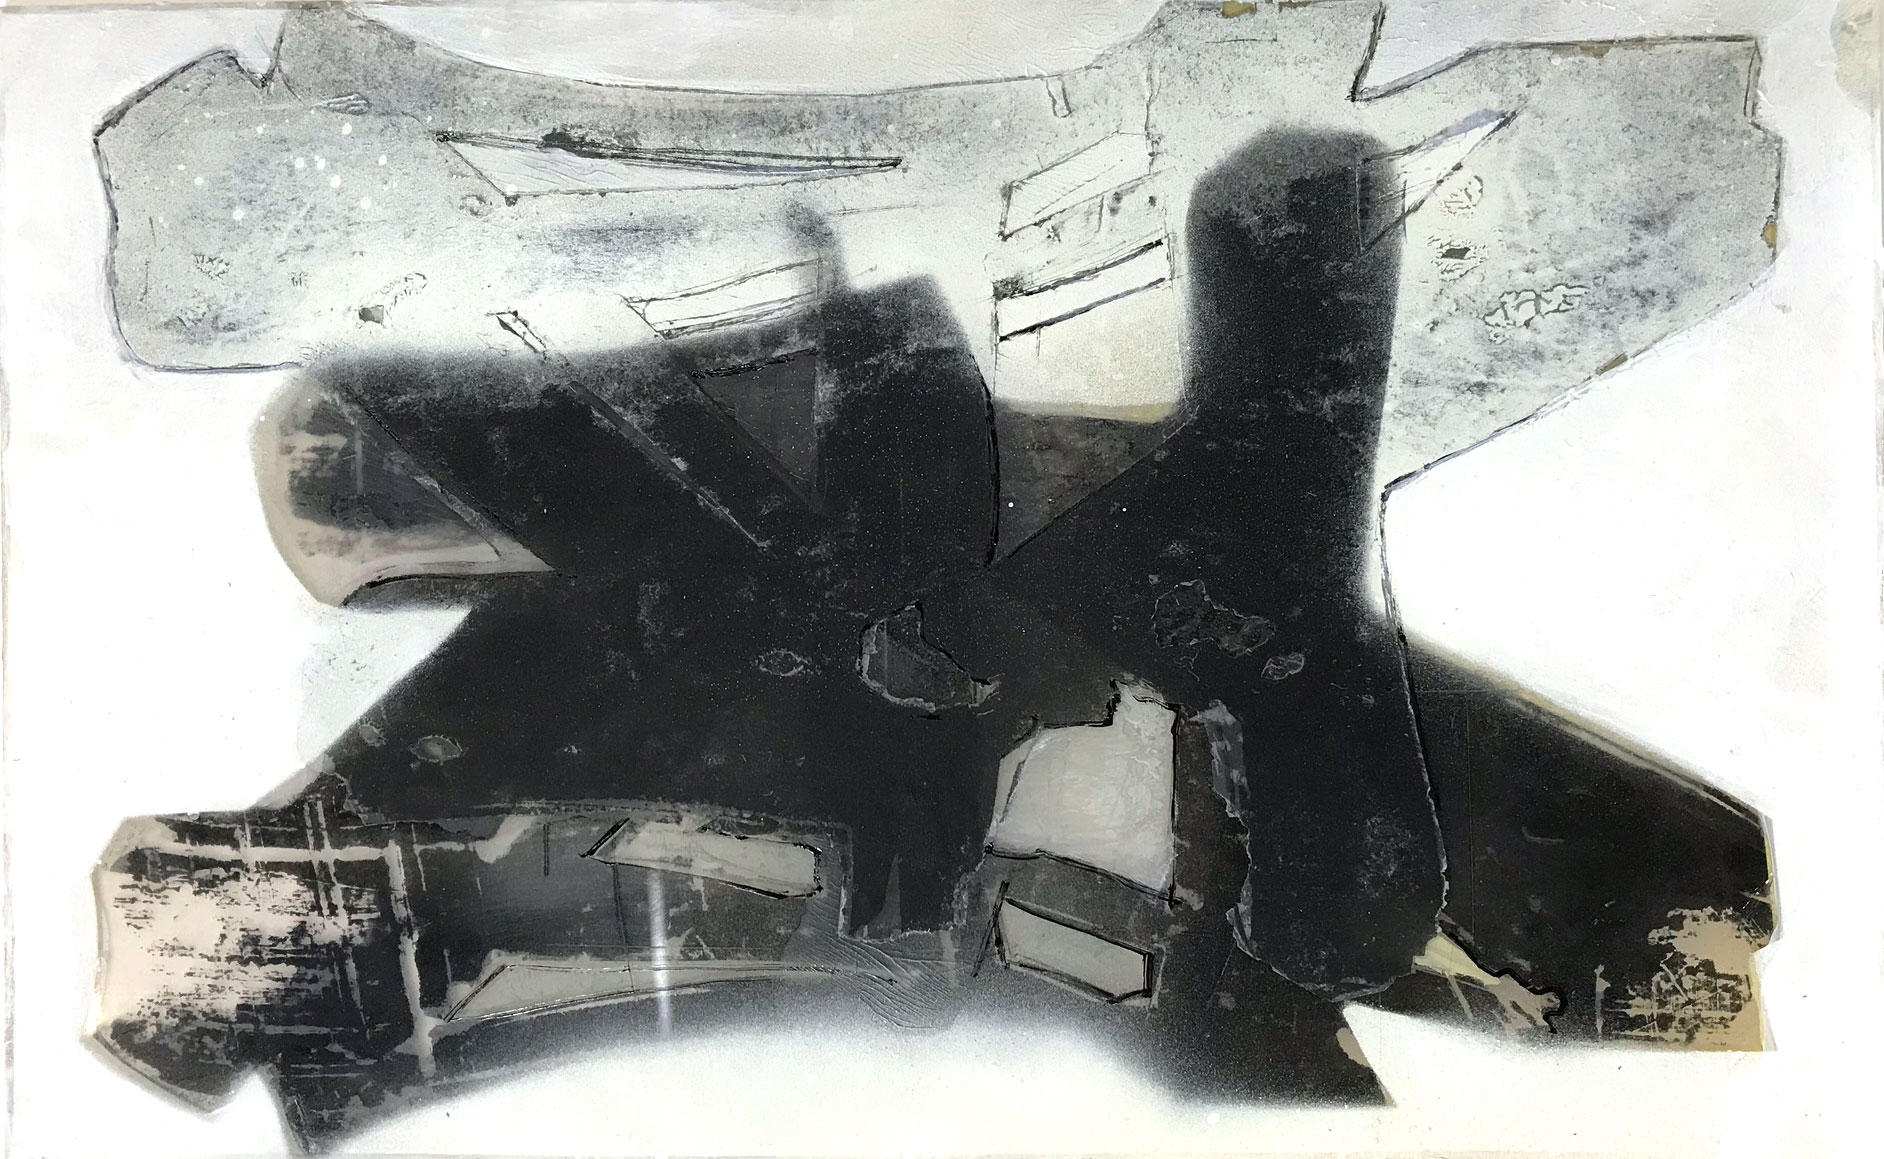 02-McGuigan-SpraypaintonPlexi.jpg